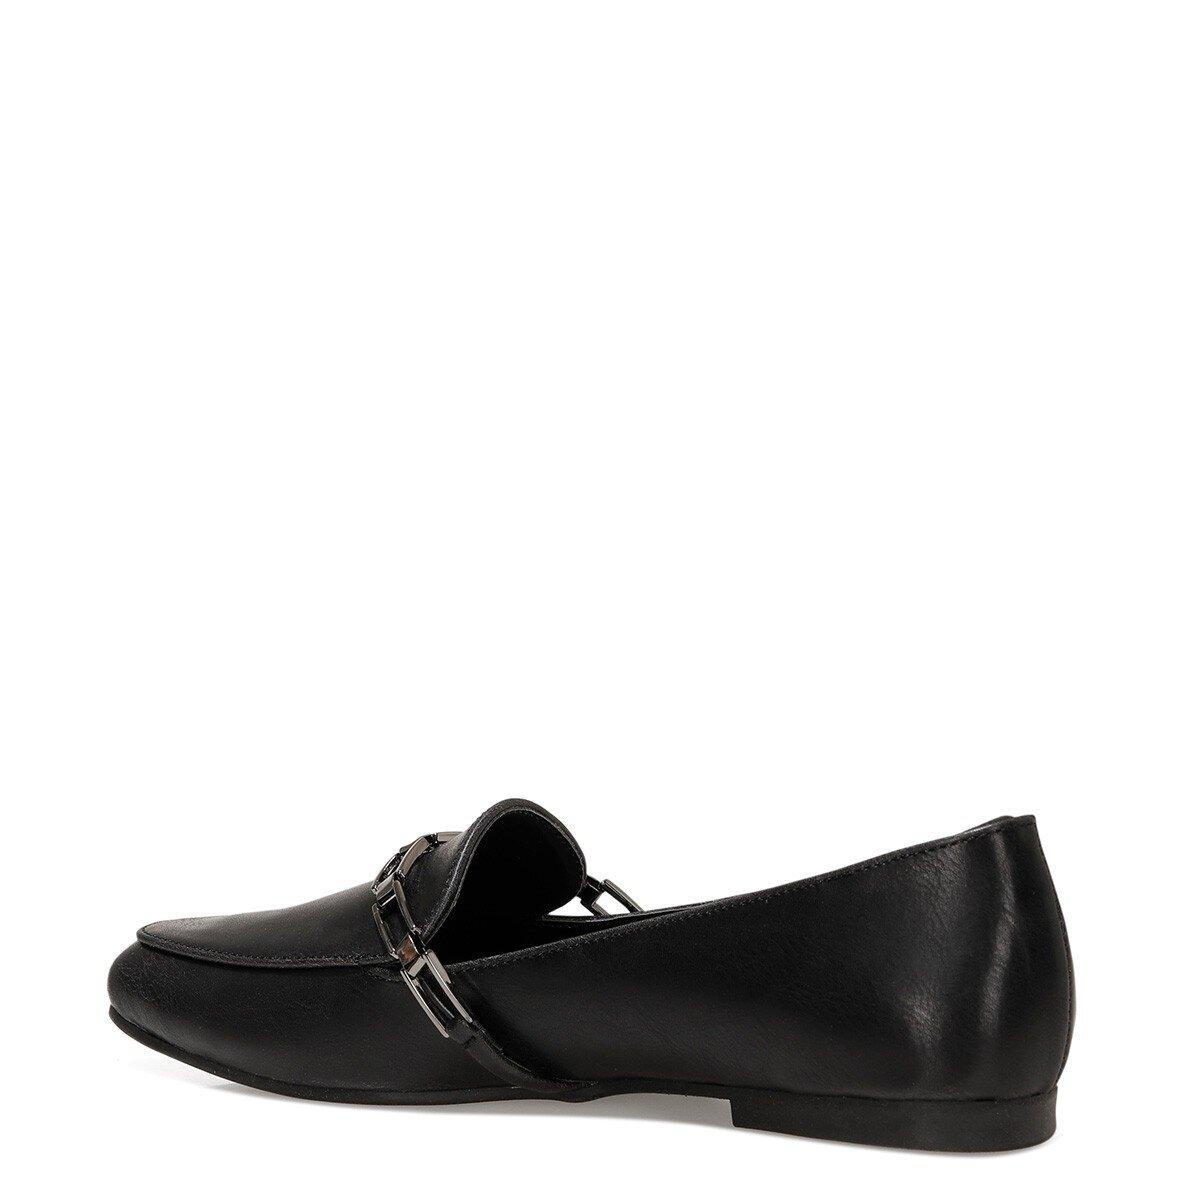 GENDAR 1FX Siyah Kadın Loafer